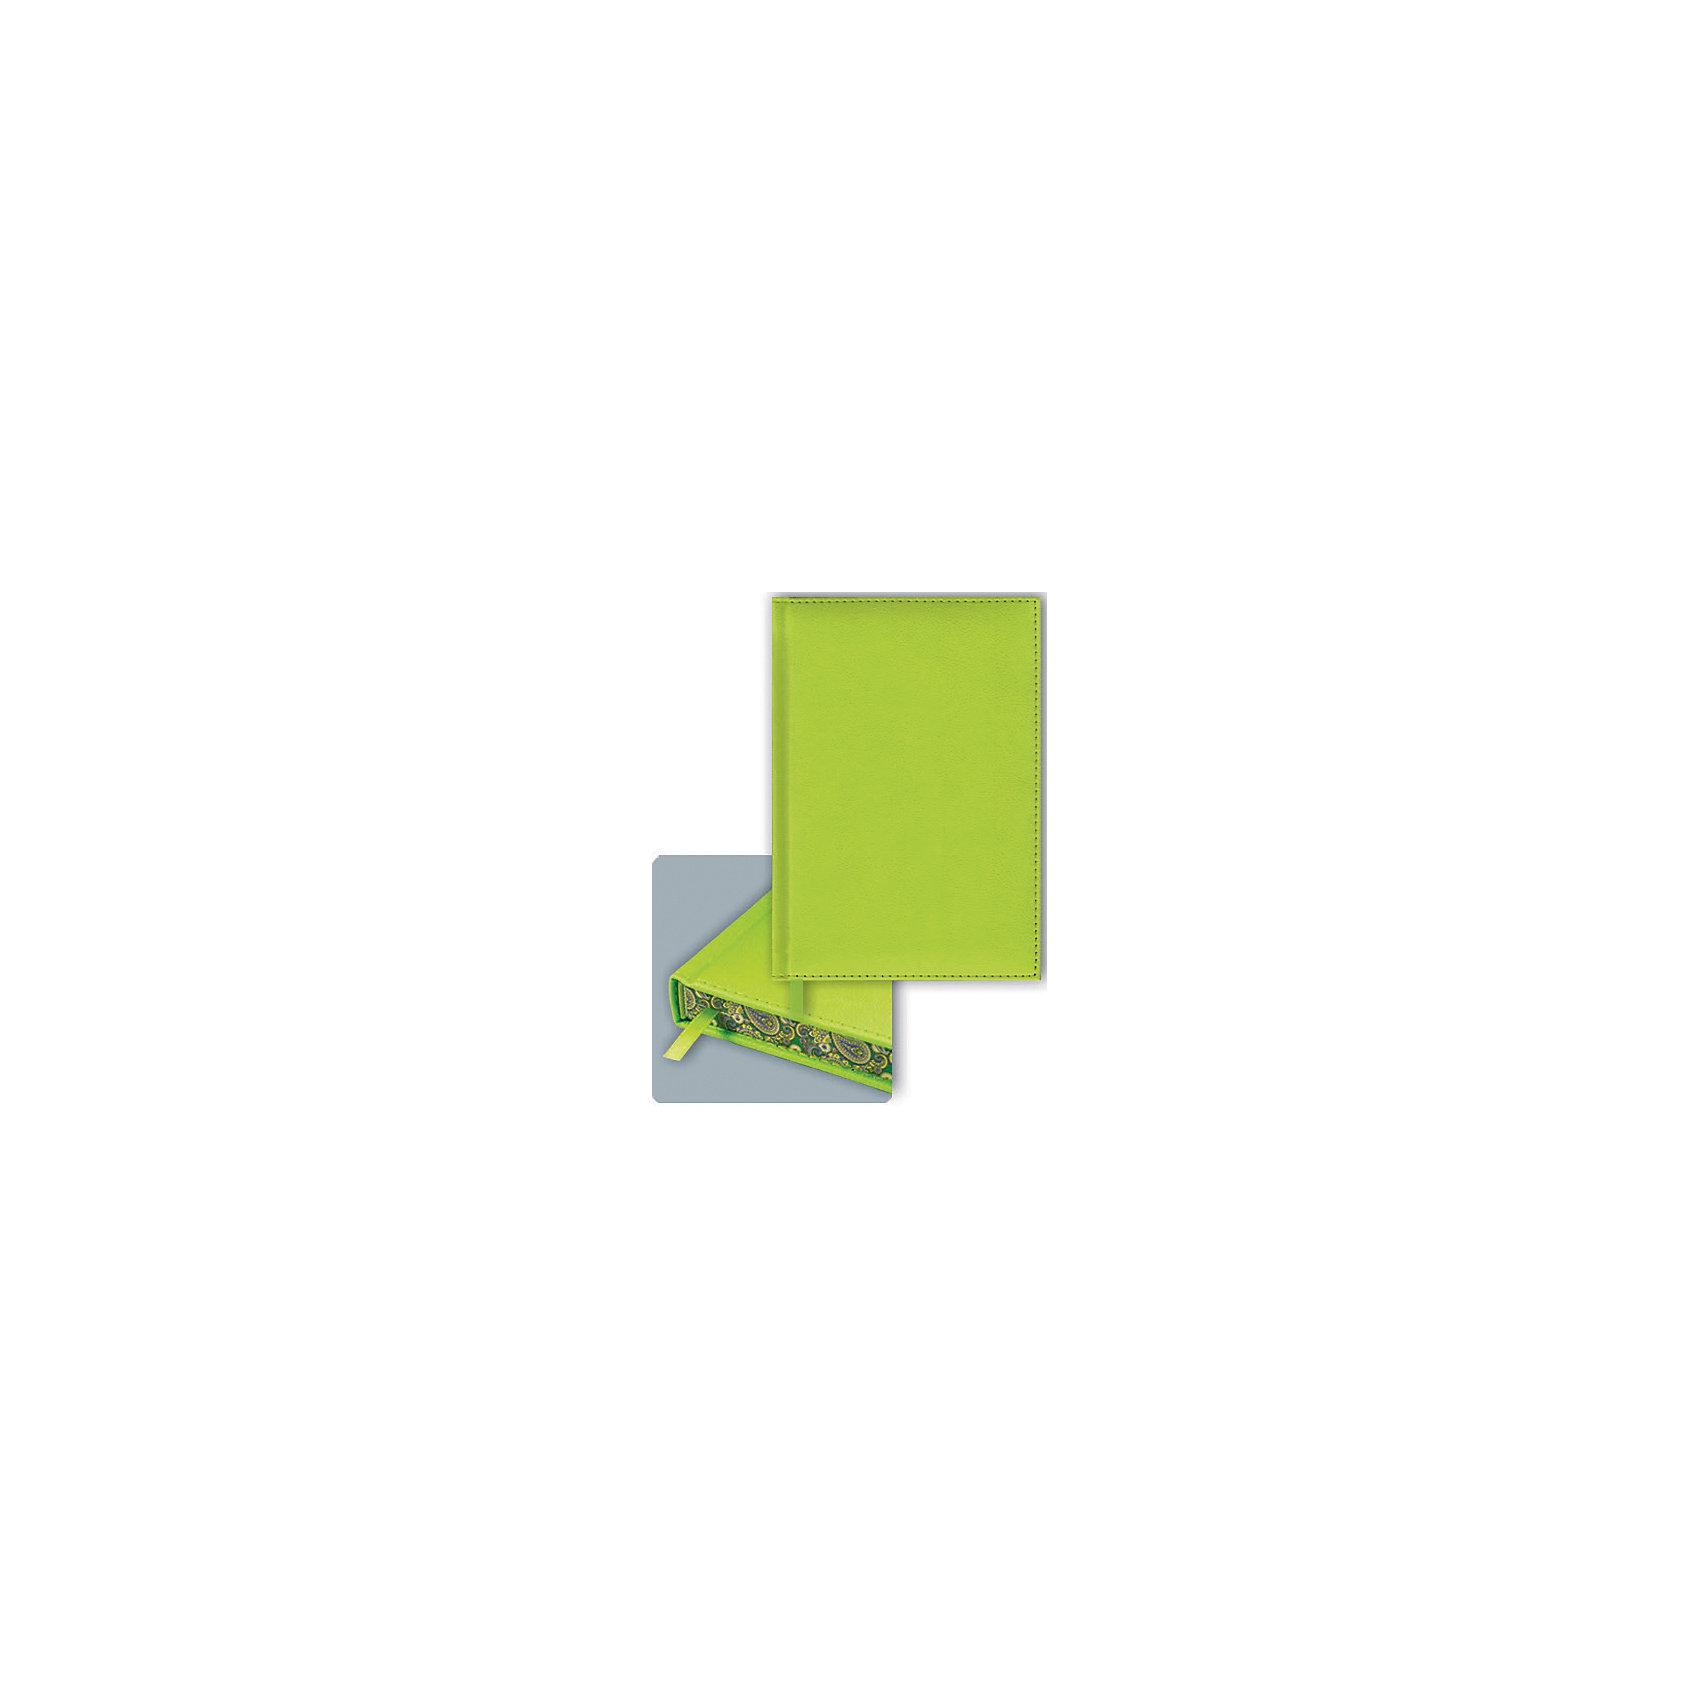 Ежедневник А5 недатированный, салатовыйУниверсальный недатированный ежедневник пригодится как деловому взрослому так и ребенку.<br><br>Дополнительная информация:<br><br>- Формат: А5.<br>- Линовка: линия.<br>- Количество страниц: 288<br>- Крепление: книжное (прошивка).<br>- Цвет: салатовый.<br>- Обложка: твердая.<br>- Материал: бумага, картон.<br>- Размер упаковки: 14,5х21х2 см.<br>- Вес в упаковке: 400 г.<br><br>Купить ежедневник недатированный в салатовом цвете, можно в нашем магазине.<br><br>Ширина мм: 145<br>Глубина мм: 210<br>Высота мм: 20<br>Вес г: 400<br>Возраст от месяцев: 120<br>Возраст до месяцев: 2147483647<br>Пол: Унисекс<br>Возраст: Детский<br>SKU: 4943628